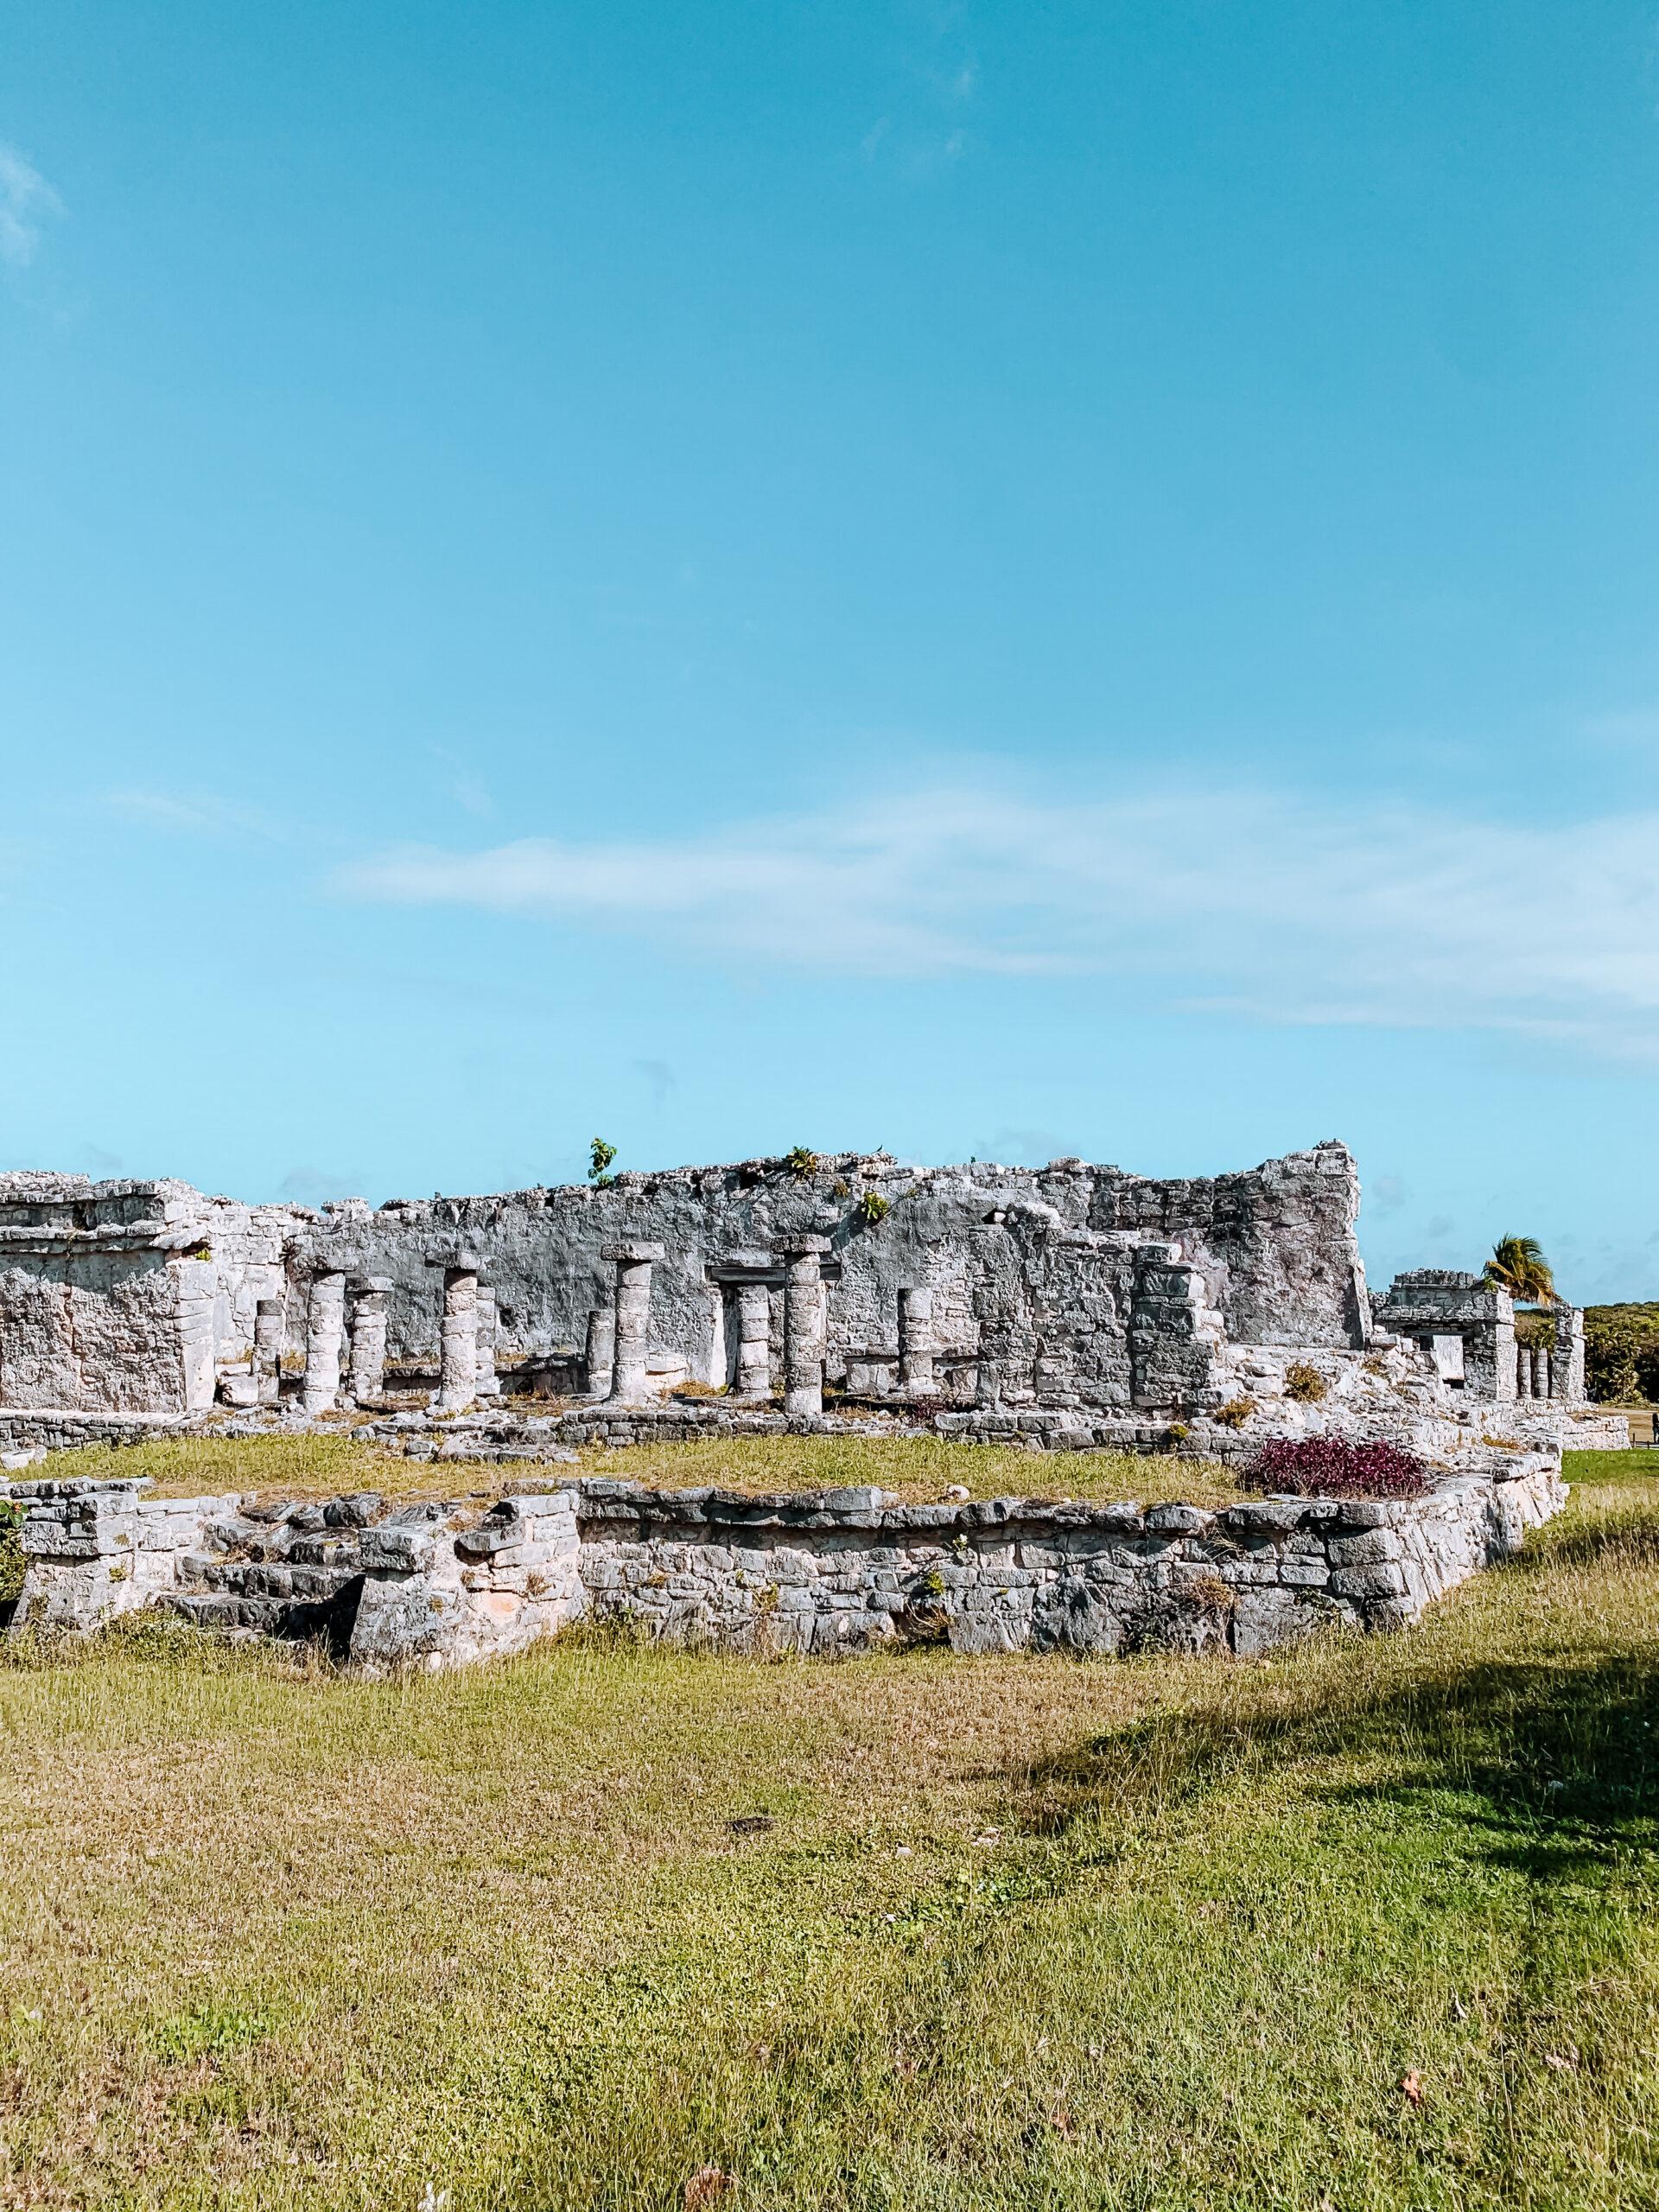 Ruinas Arqueológicas Tulúm